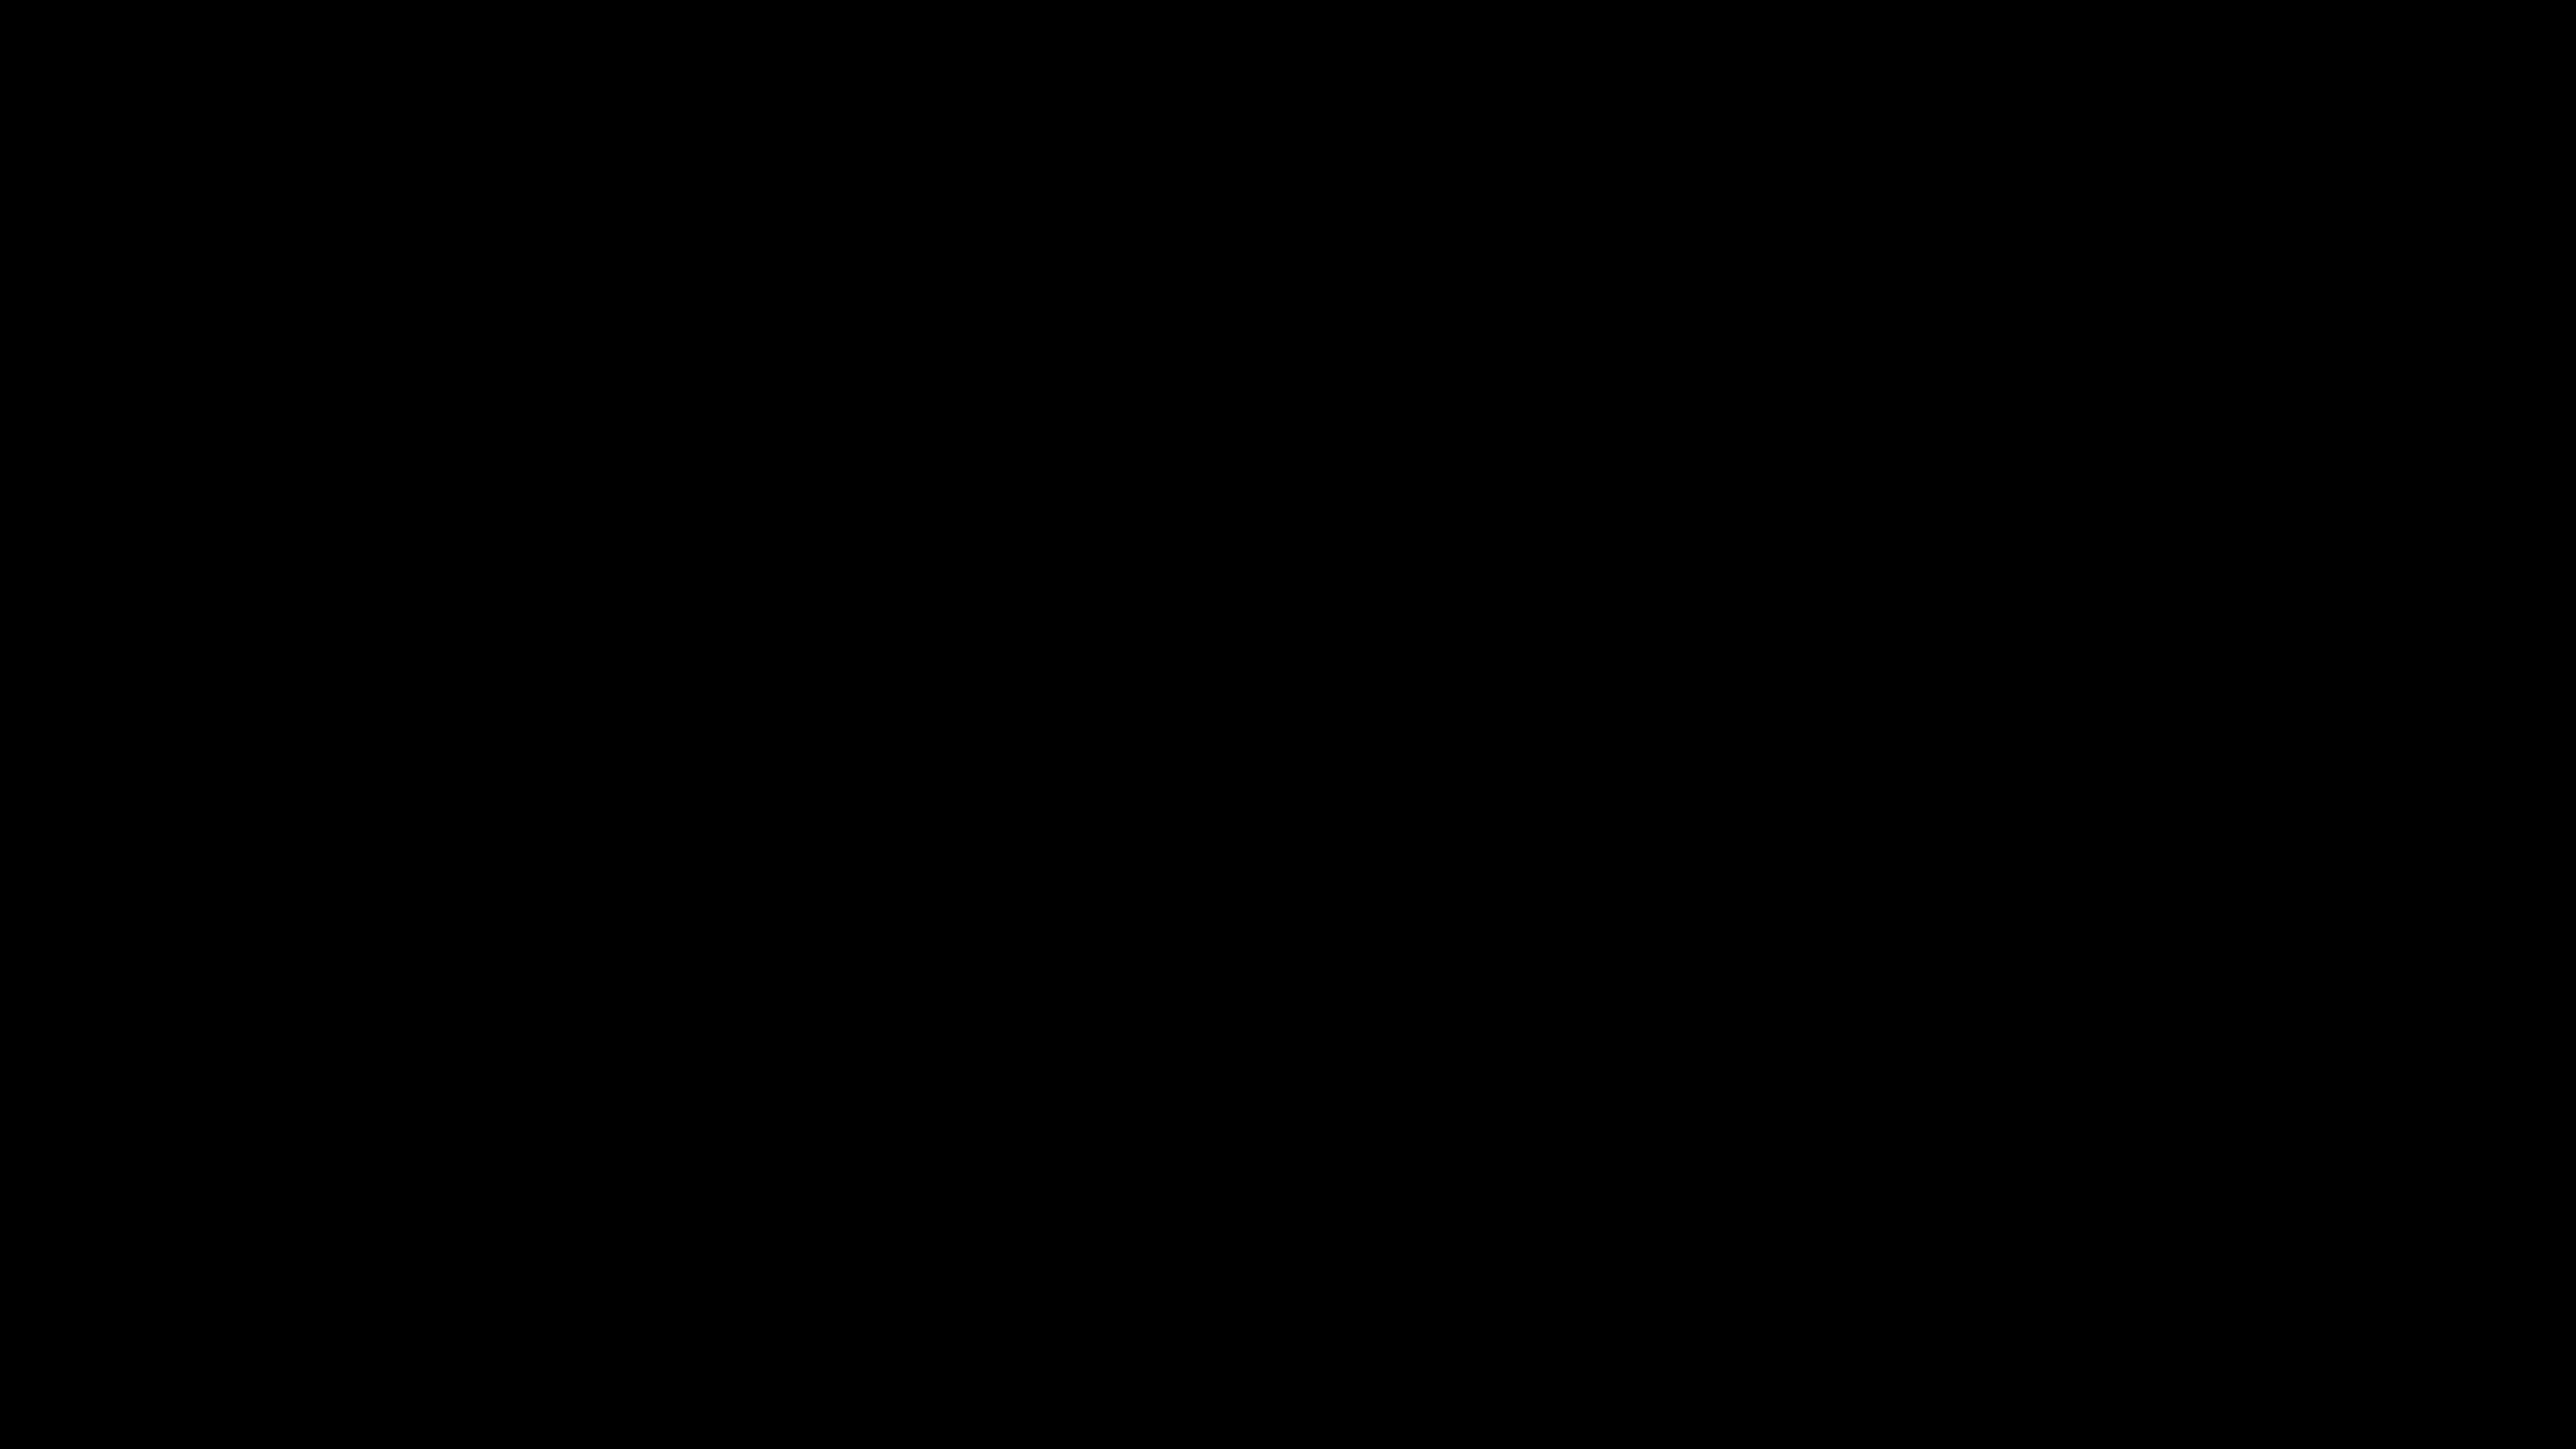 Nachhaltige Mobilität durch automatisiertes und elektrifiziertes Fahren